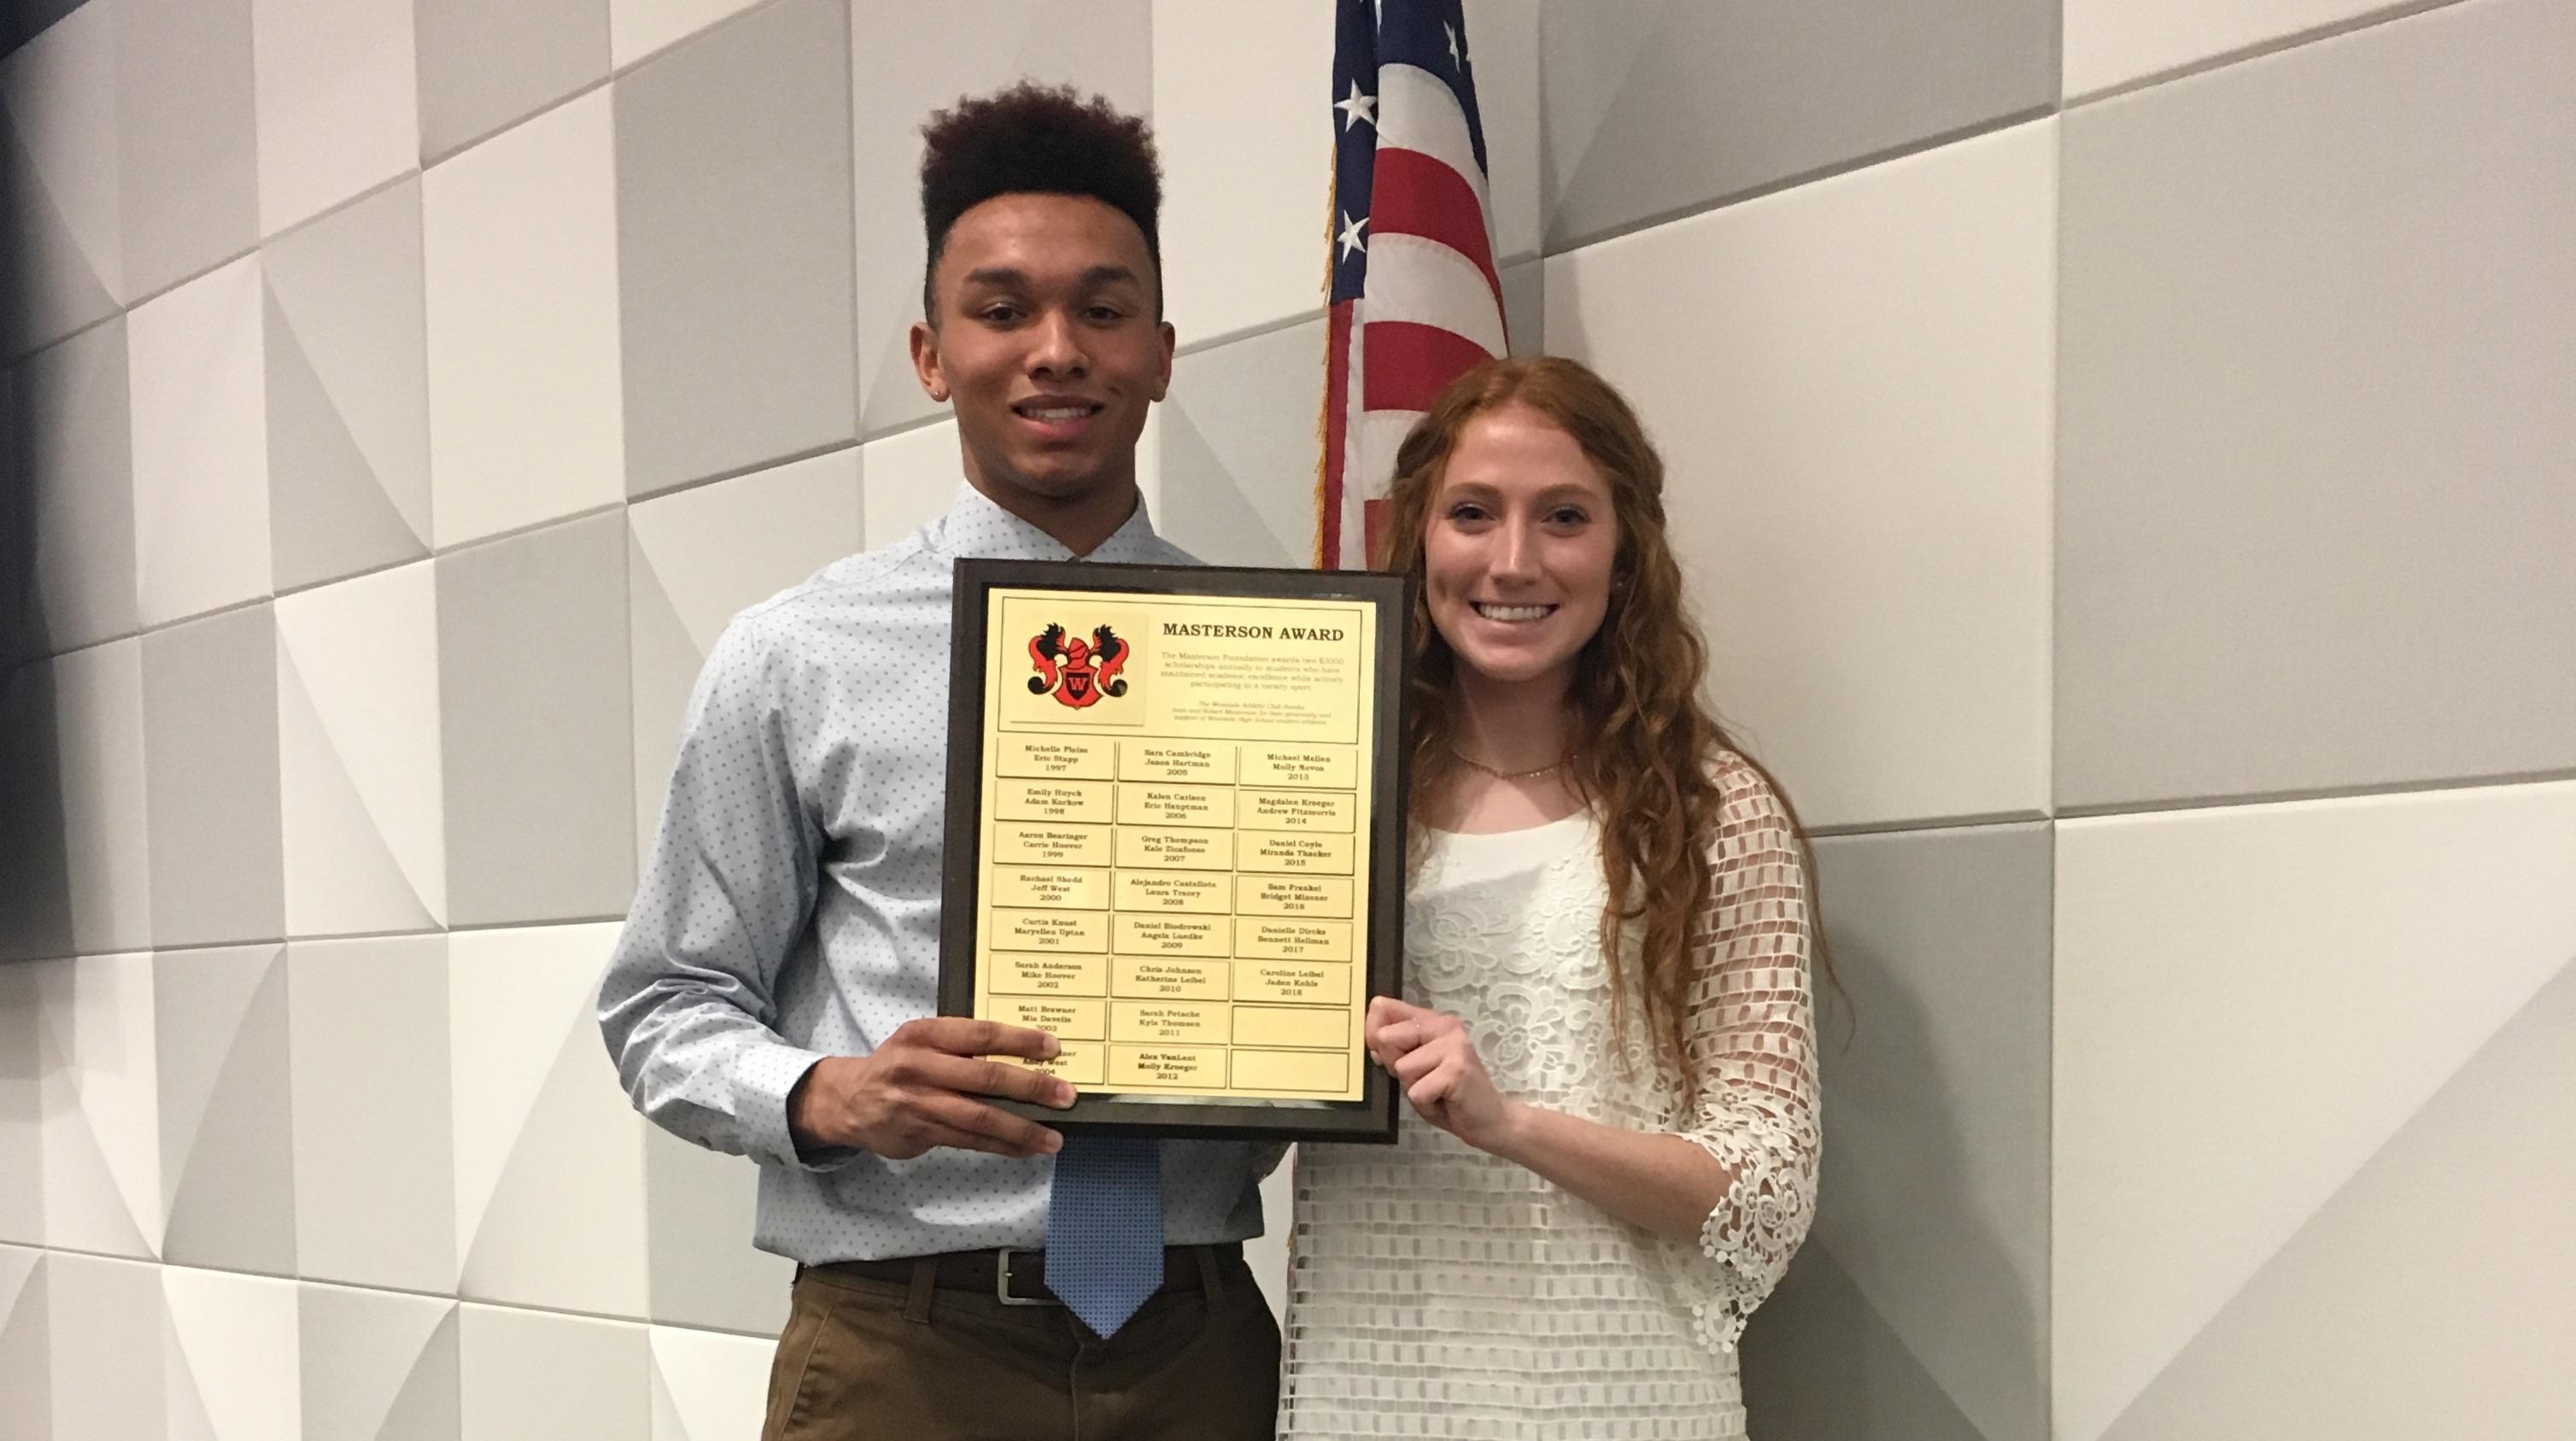 Senior student athletes receive Masterson award